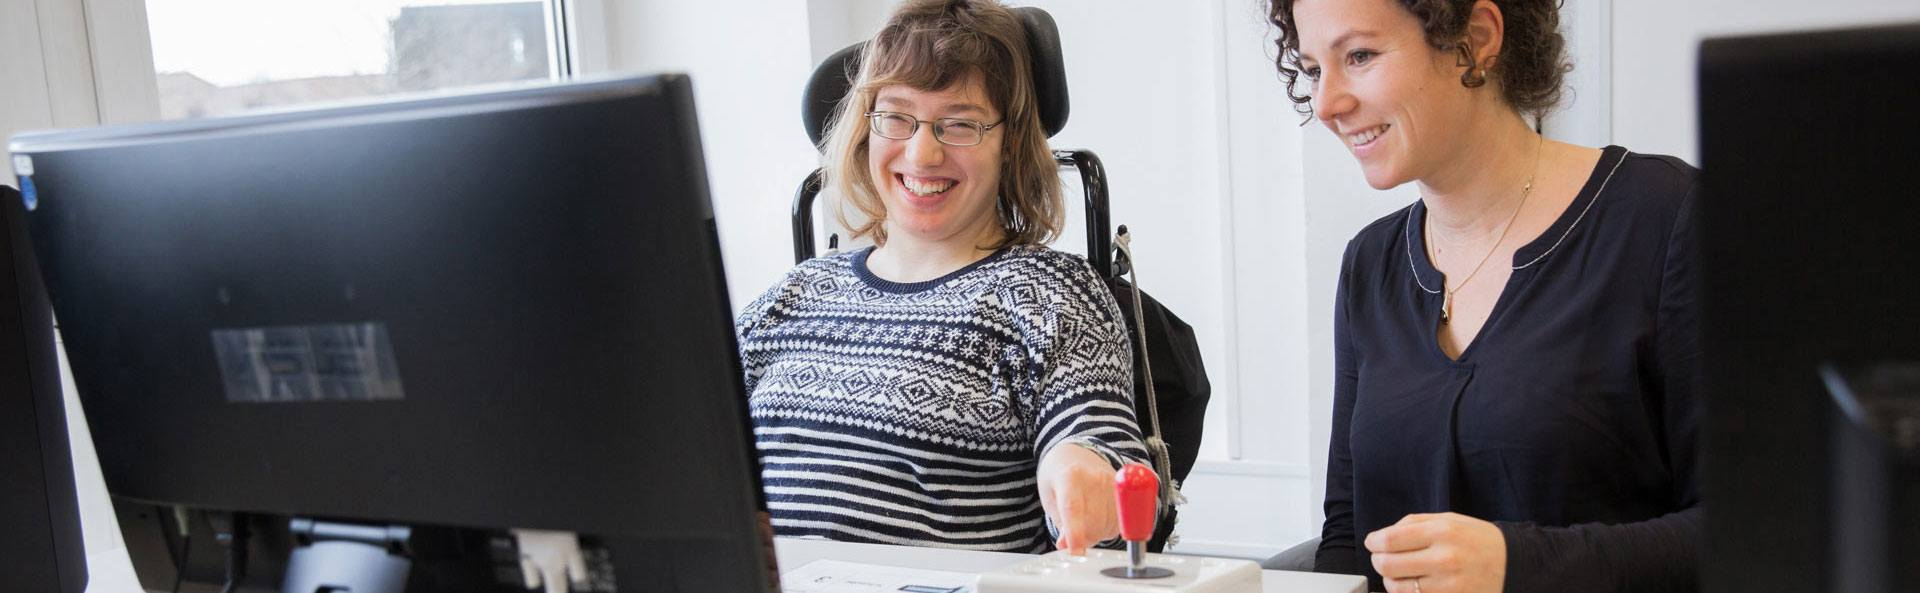 Frau und eine Betreuerin am Computer